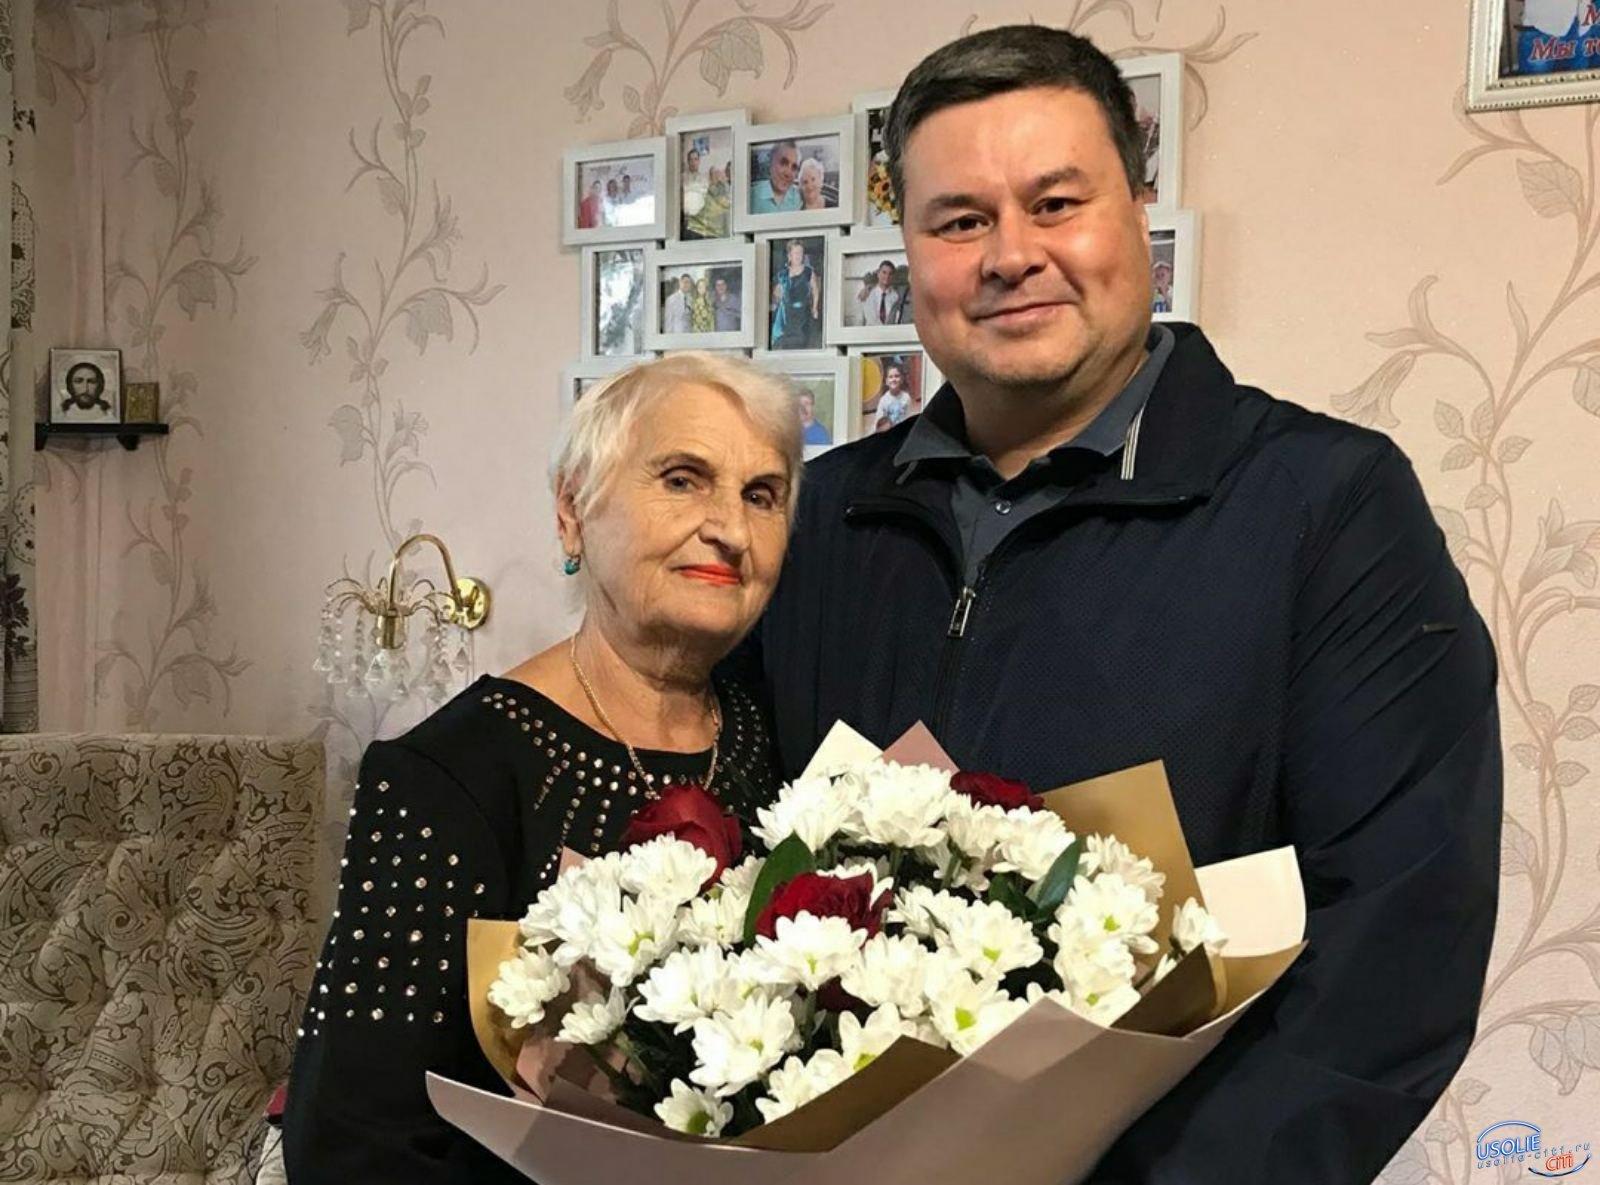 Вадим Кучаров: 12 сентября – юбилей у замечательной женщины